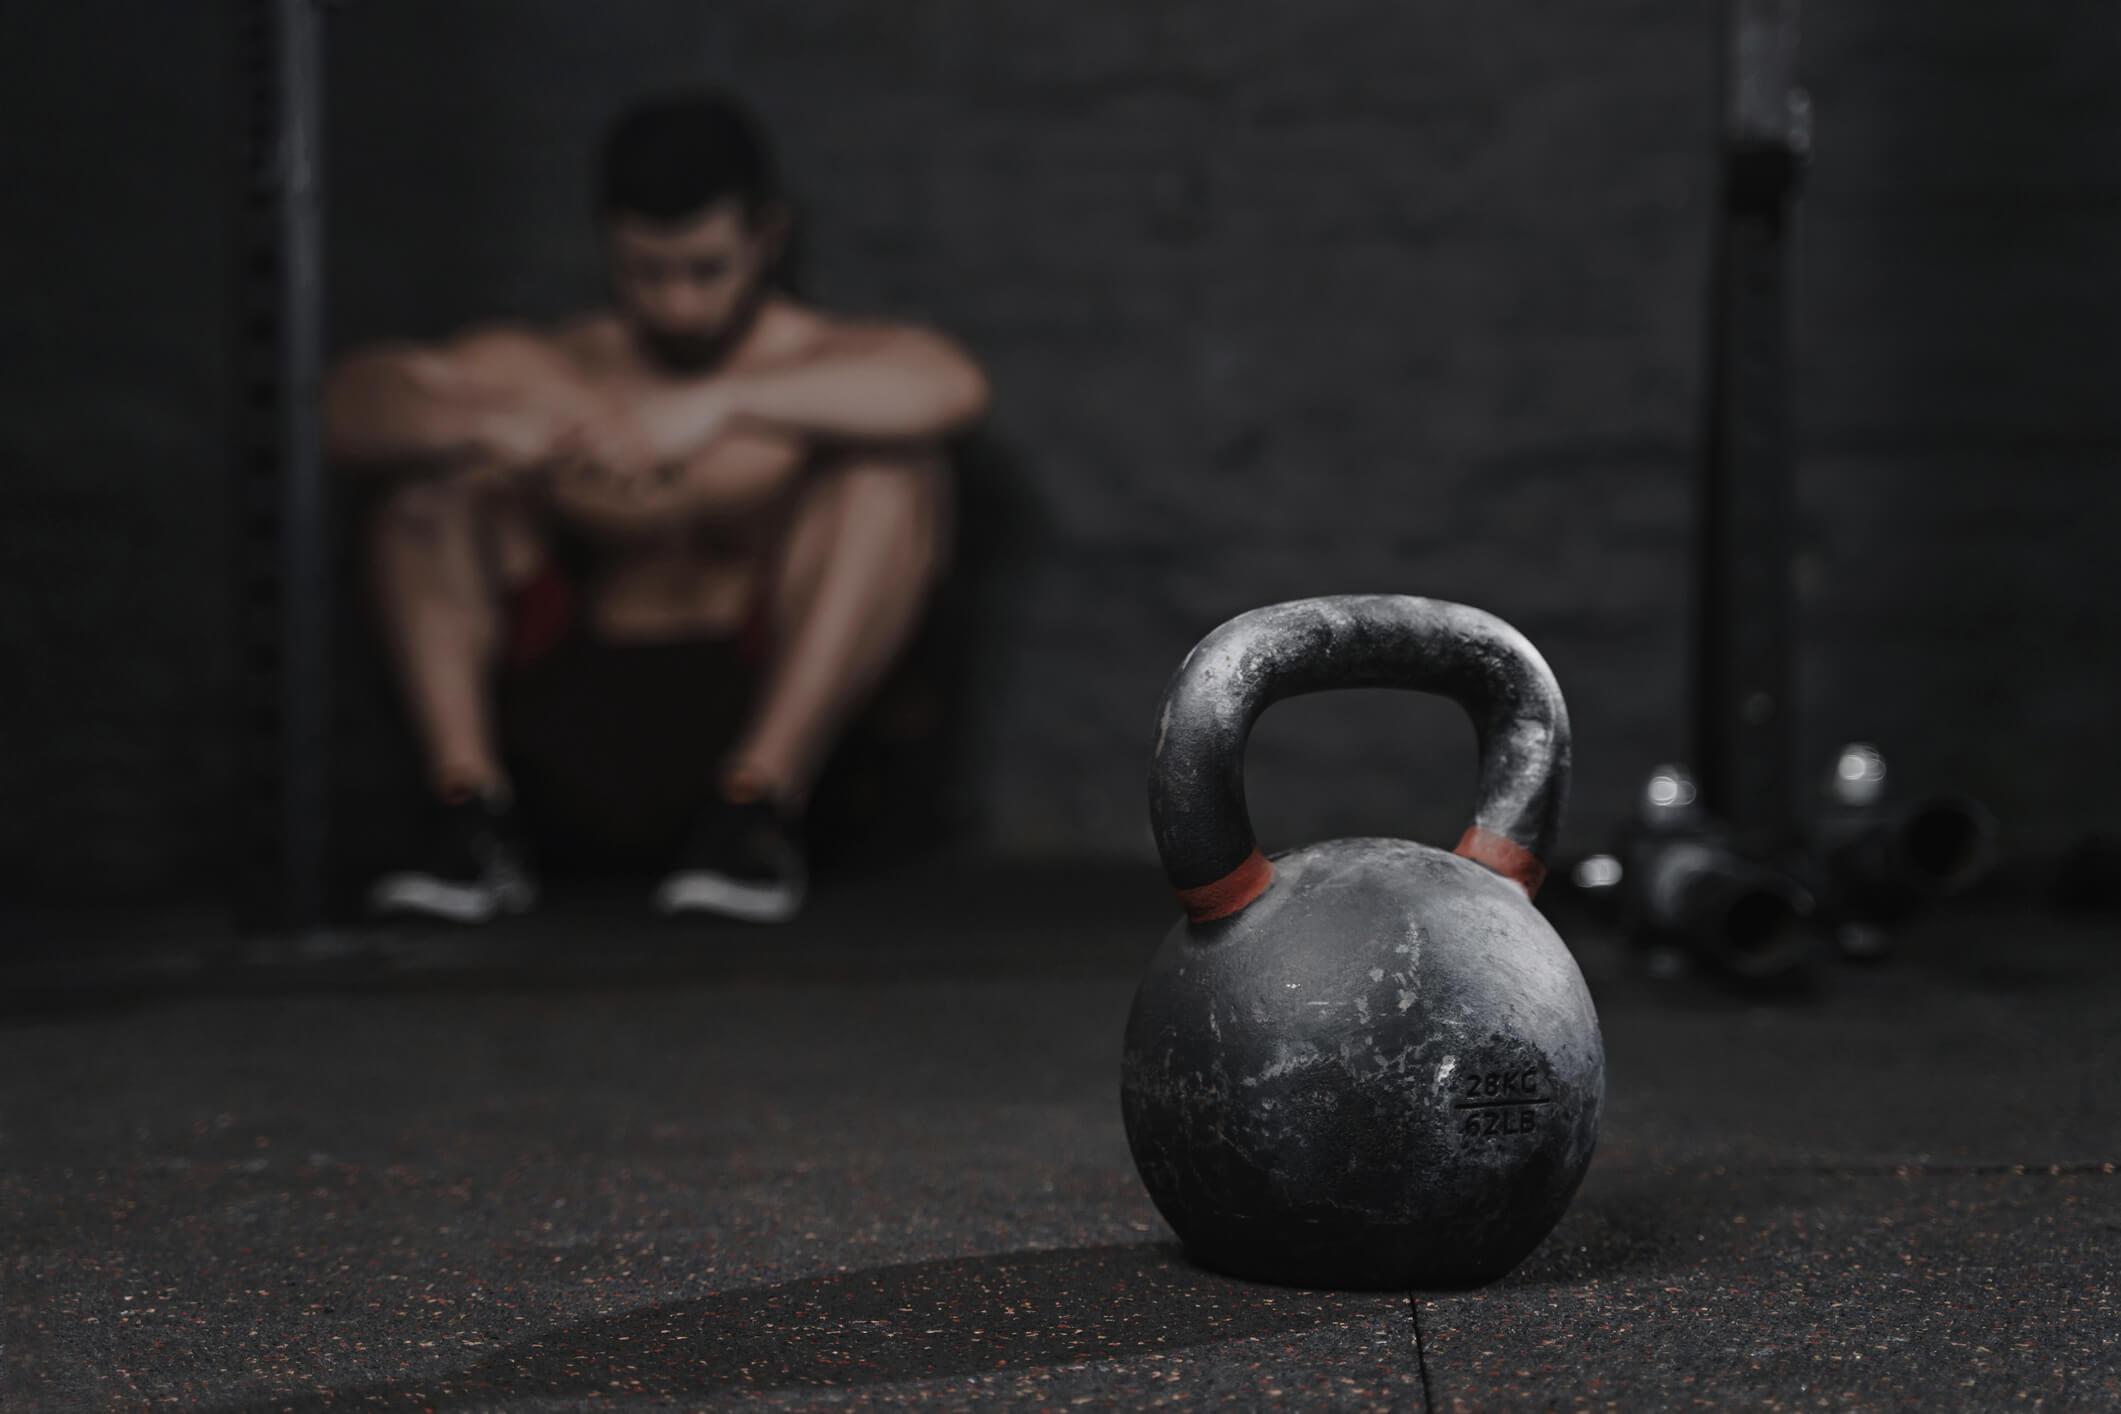 Man sitter i gym utmattad